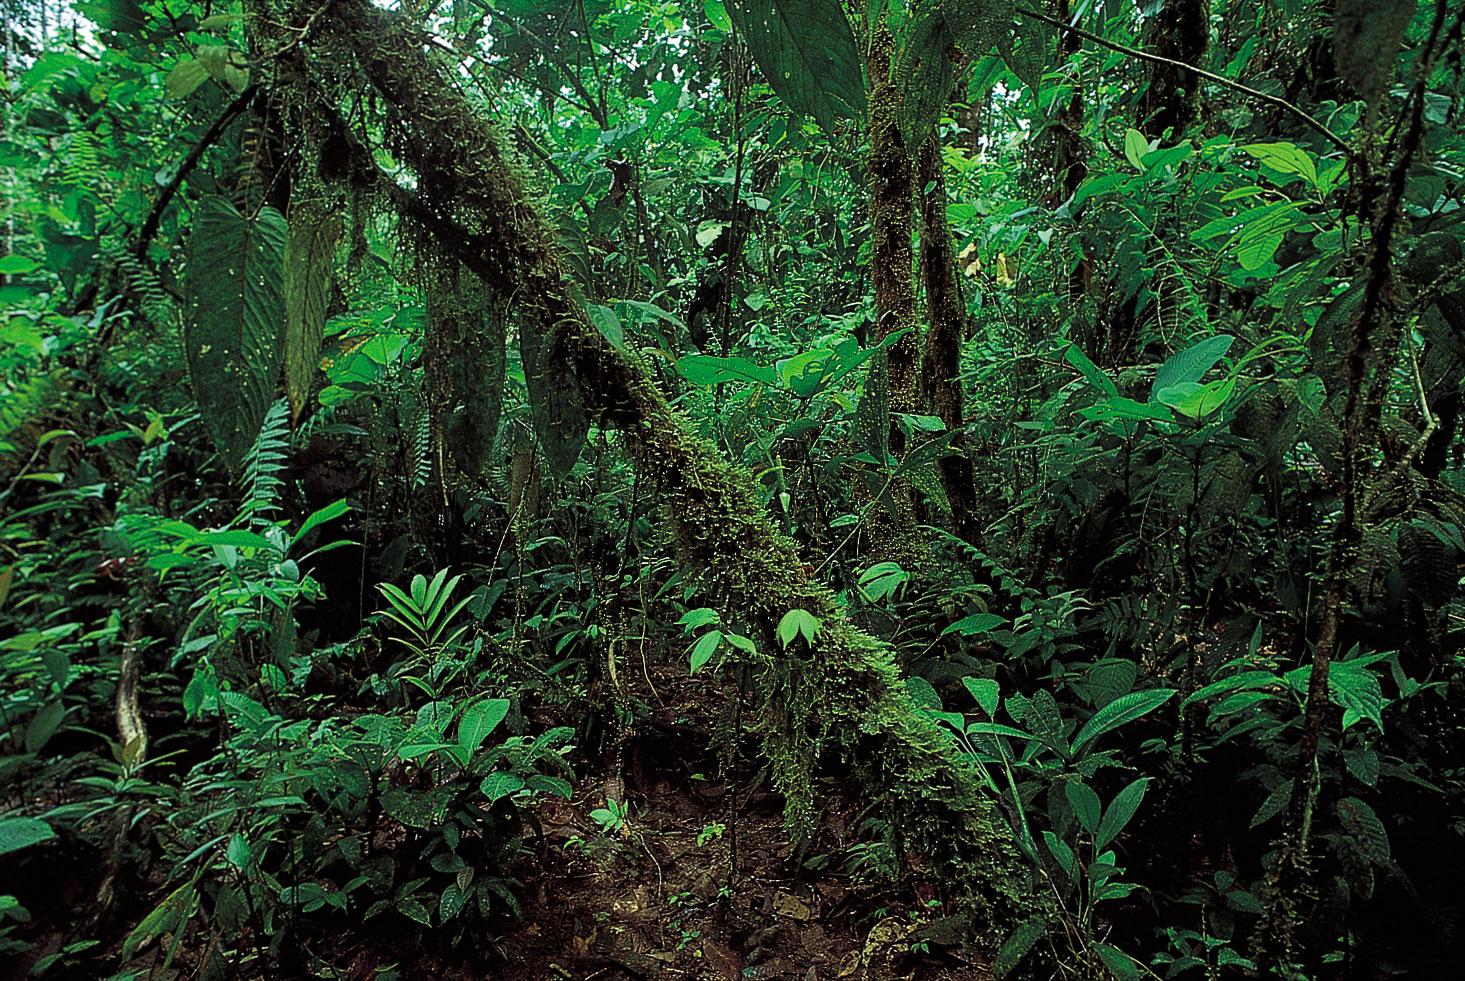 Stella McCartney publica el primer estudio de ACV  sobre el impacto de la moda en los bosques